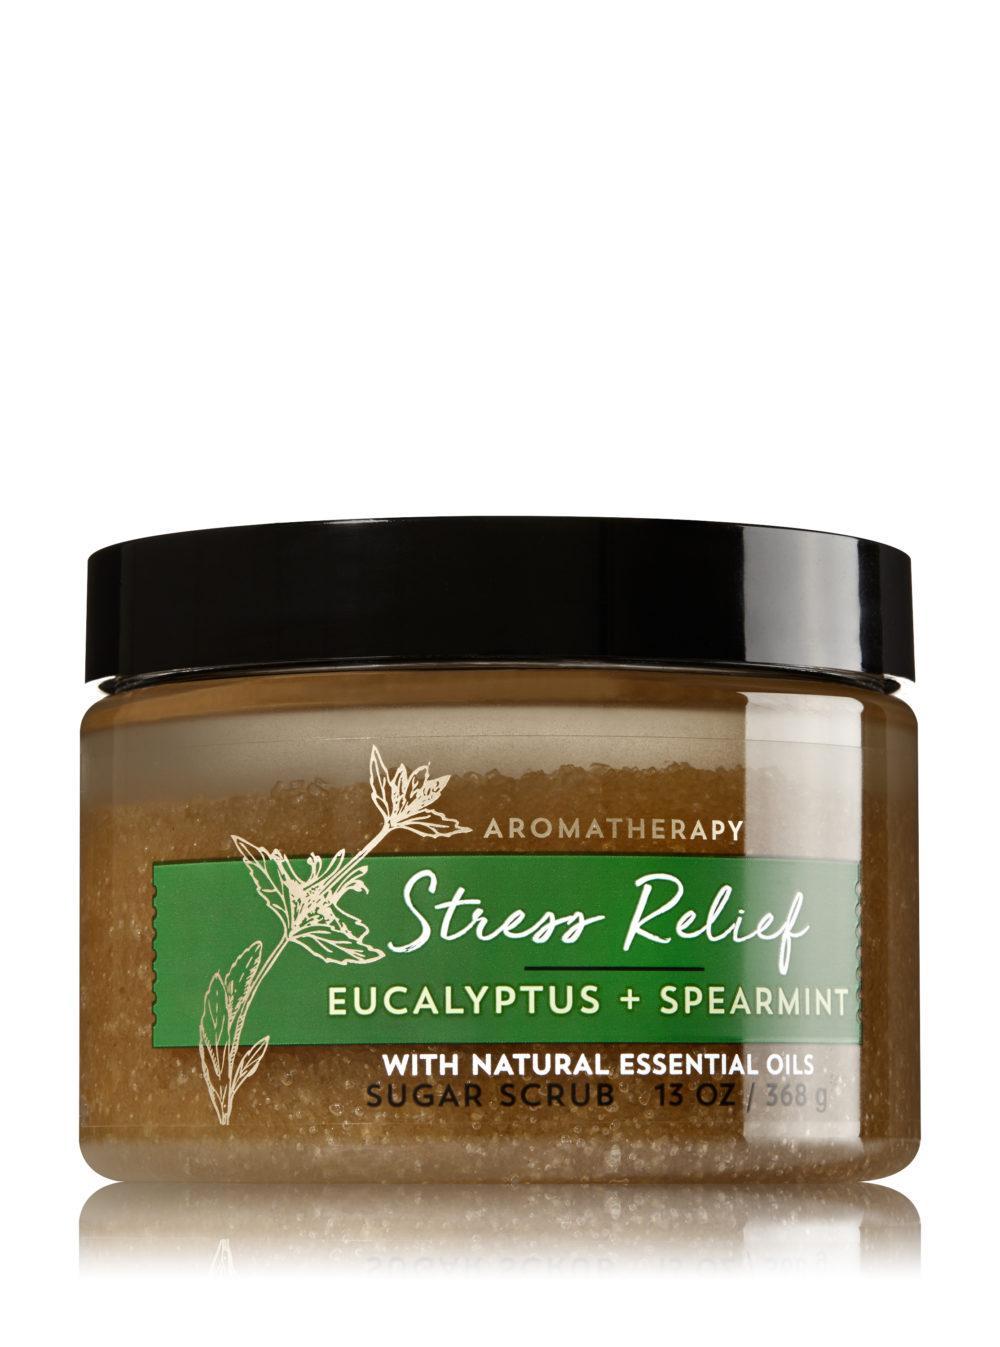 Stress-Relief-Eucalyptus-Spearmint-Sugar-Scrub-e1504214665937.jpg